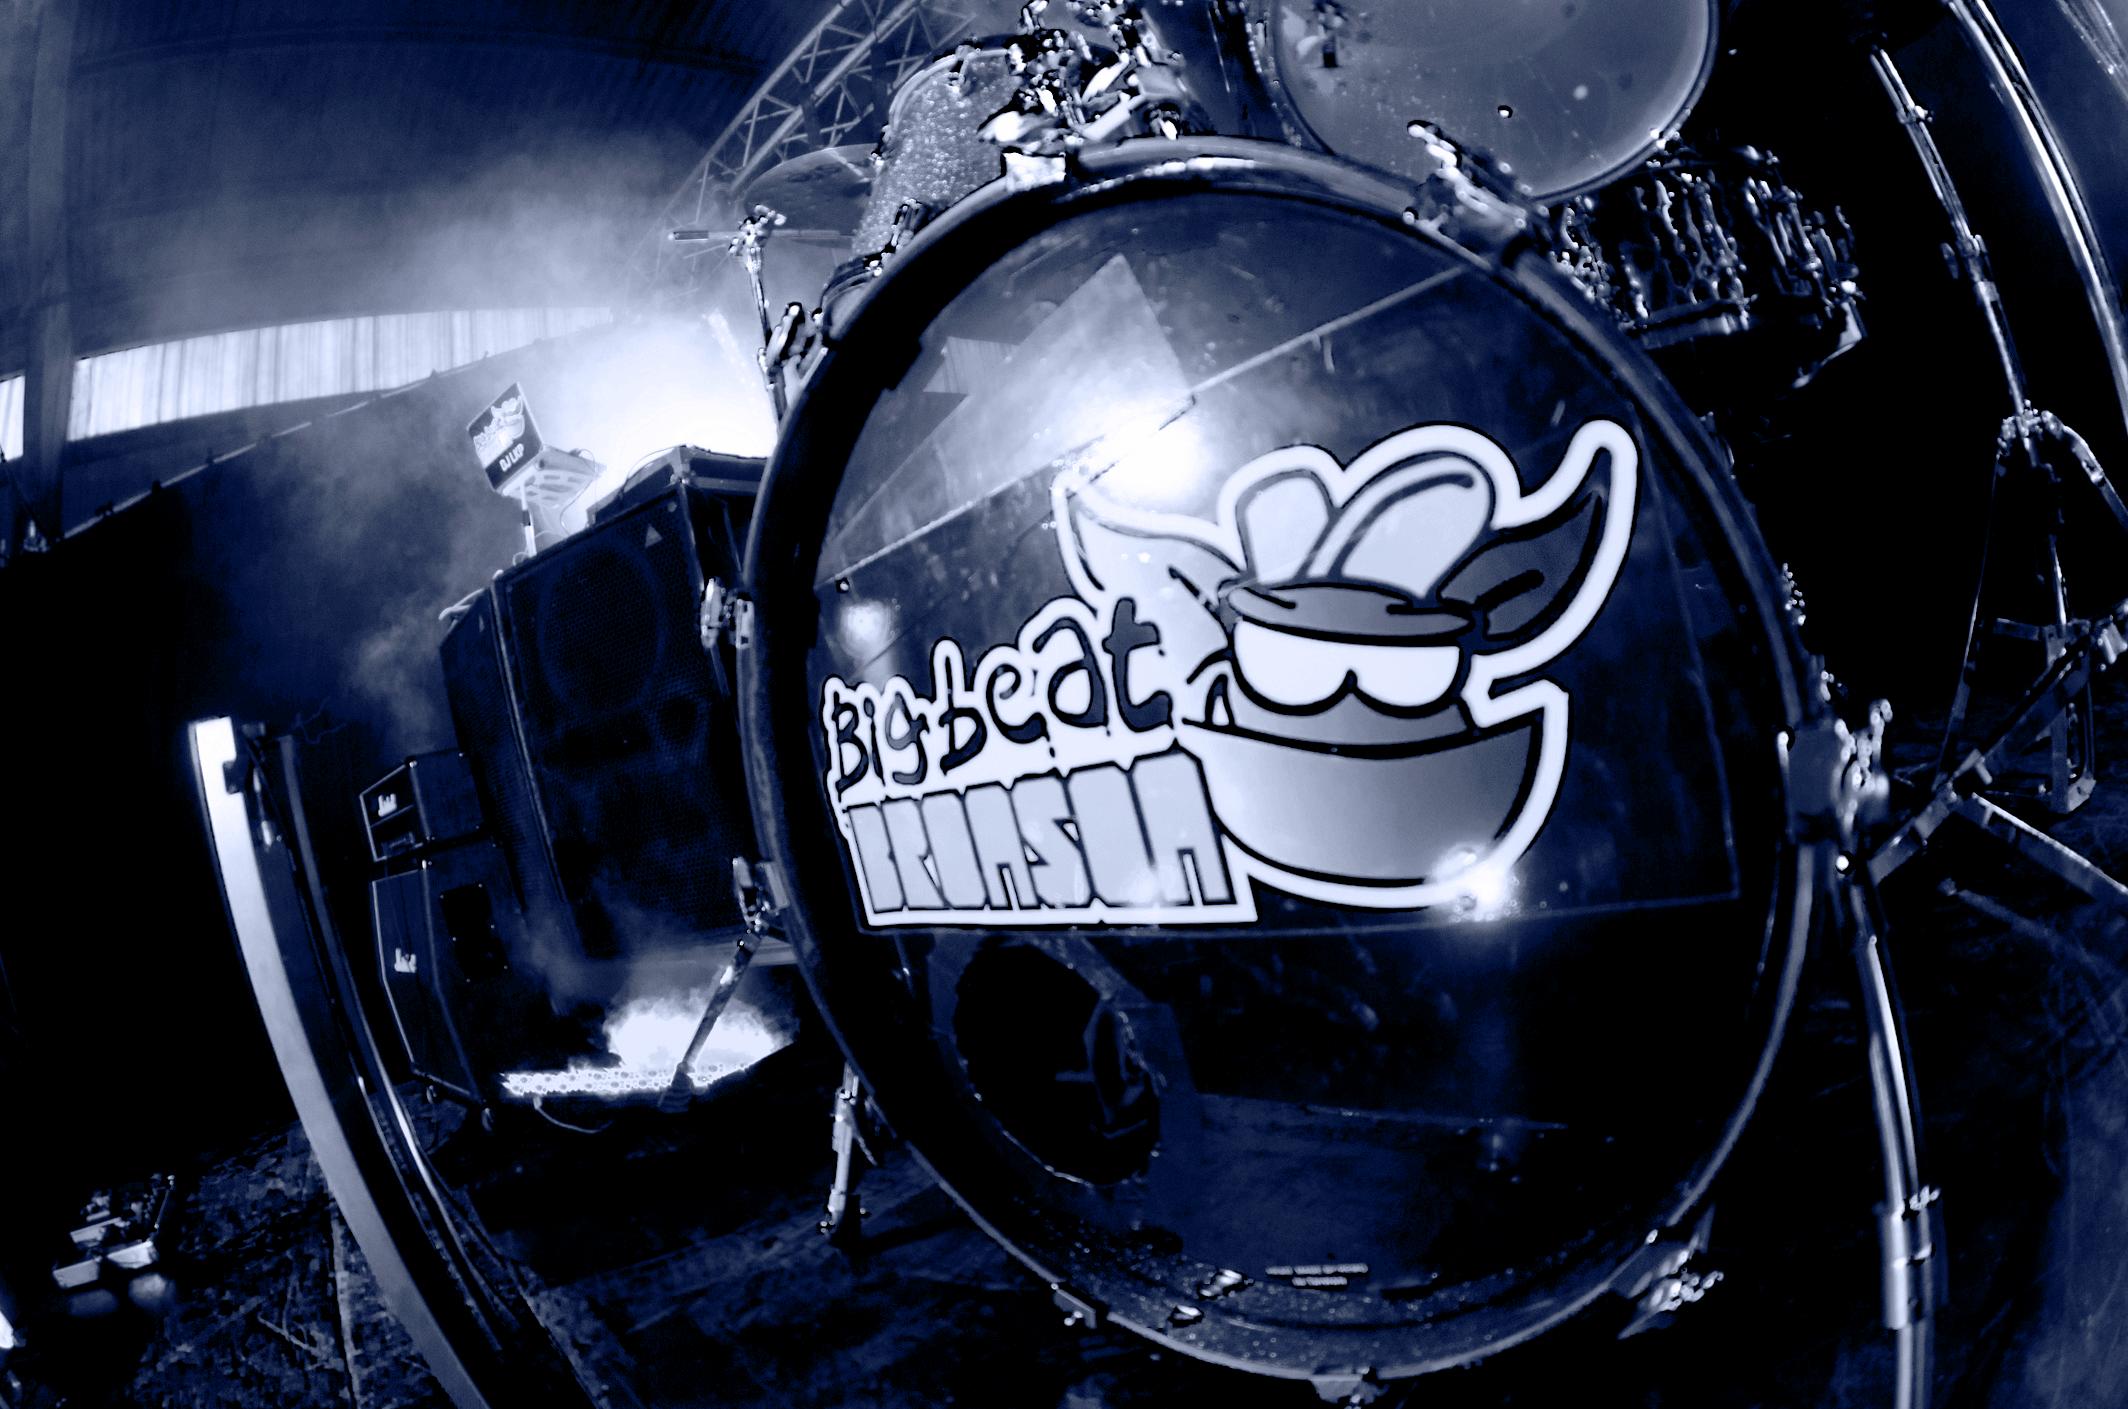 Big Beat Bronson Break behind the scenes photo of a drum kit